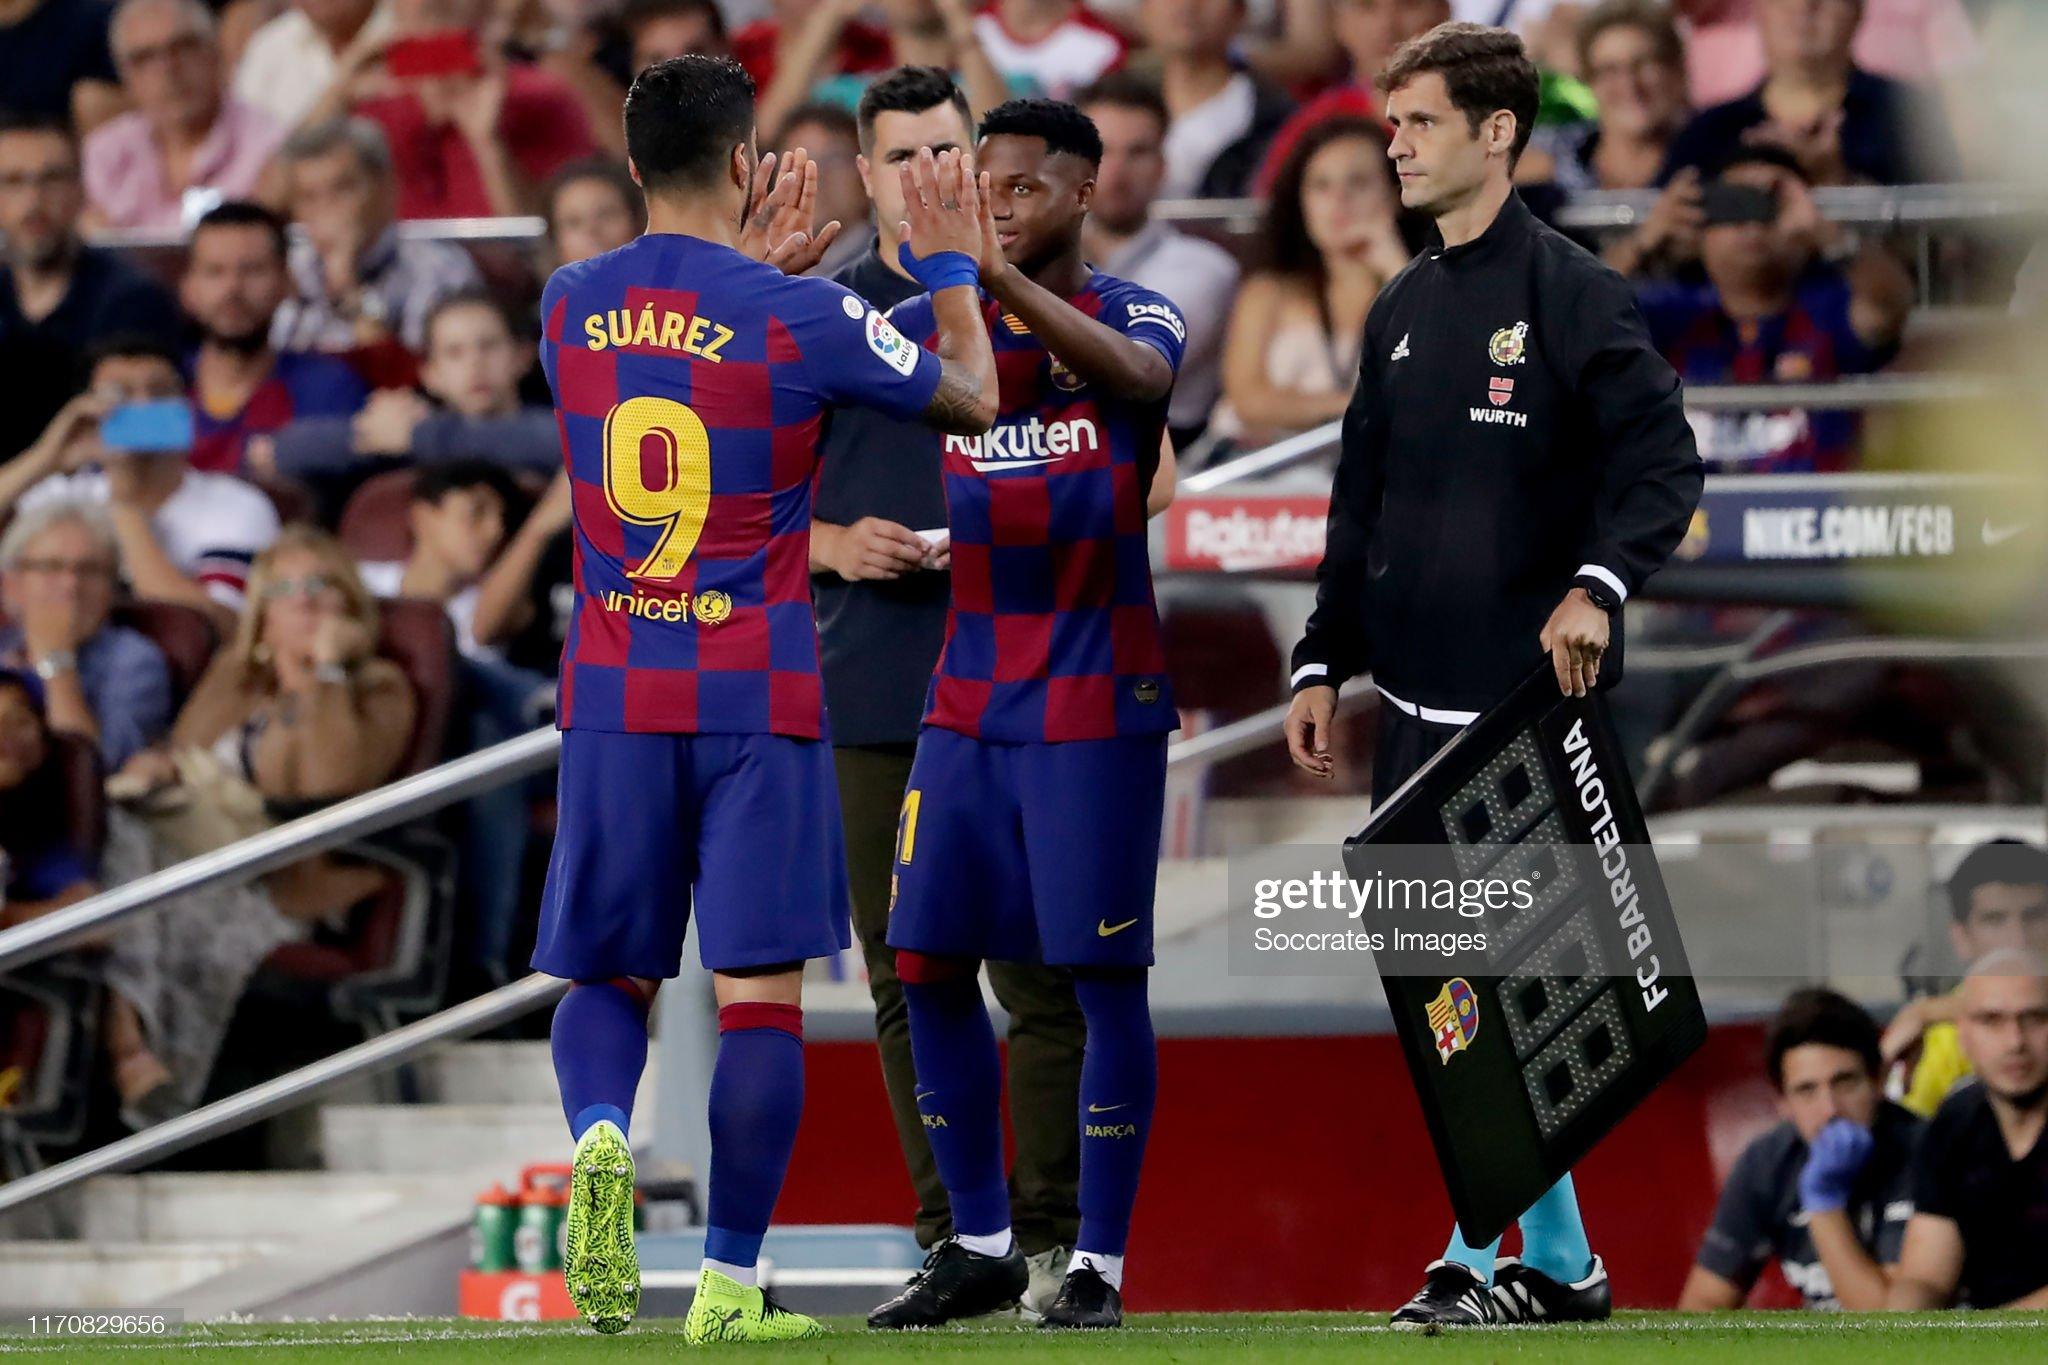 صور مباراة : برشلونة - فياريال 2-1 ( 24-09-2019 )  Luis-suarez-of-fc-barcelona-ansu-fati-of-fc-barcelona-during-the-la-picture-id1170829656?s=2048x2048